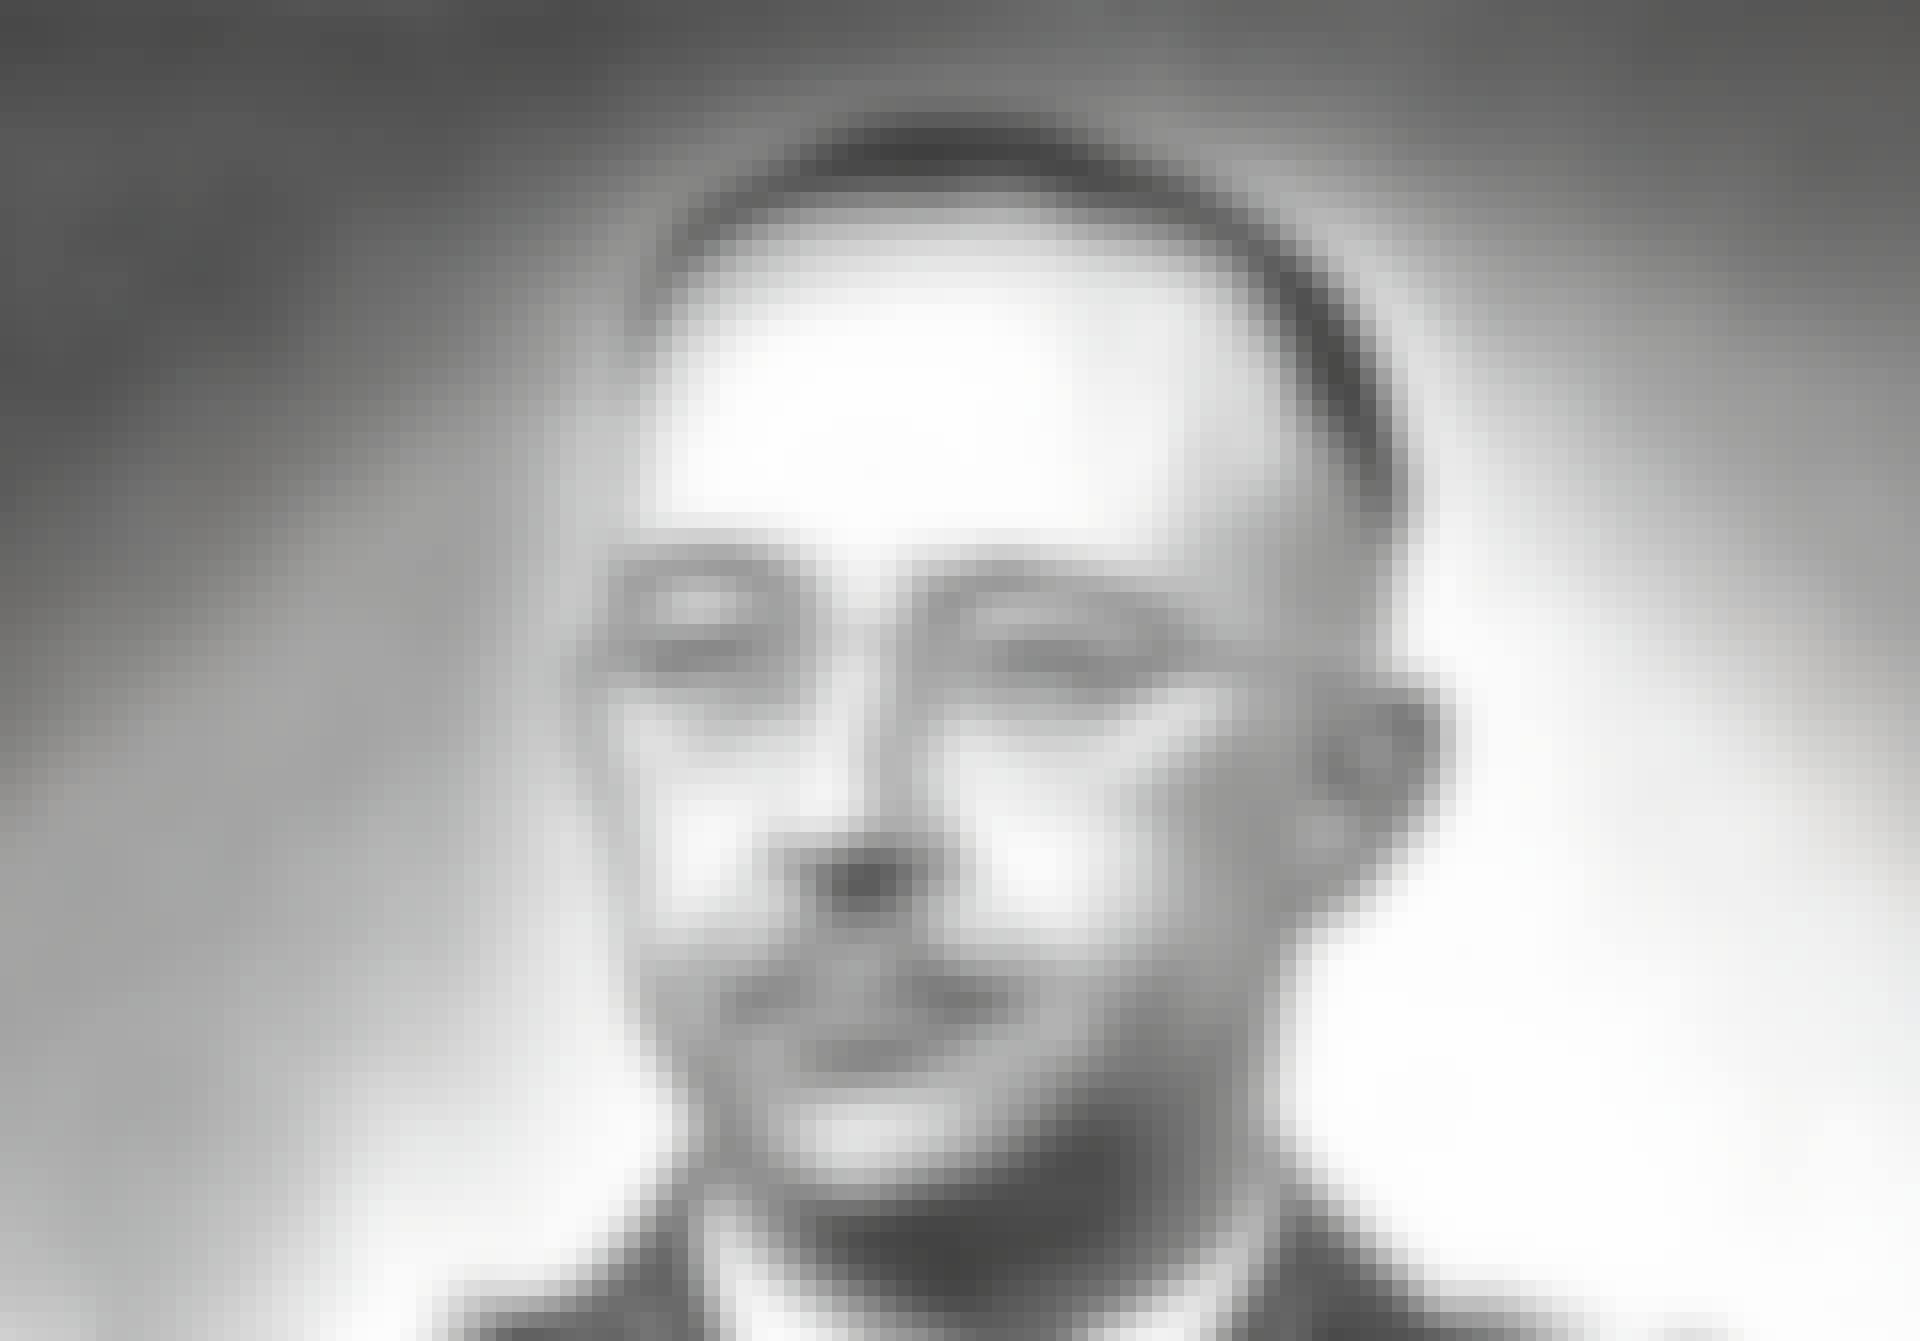 Himmler nazi document